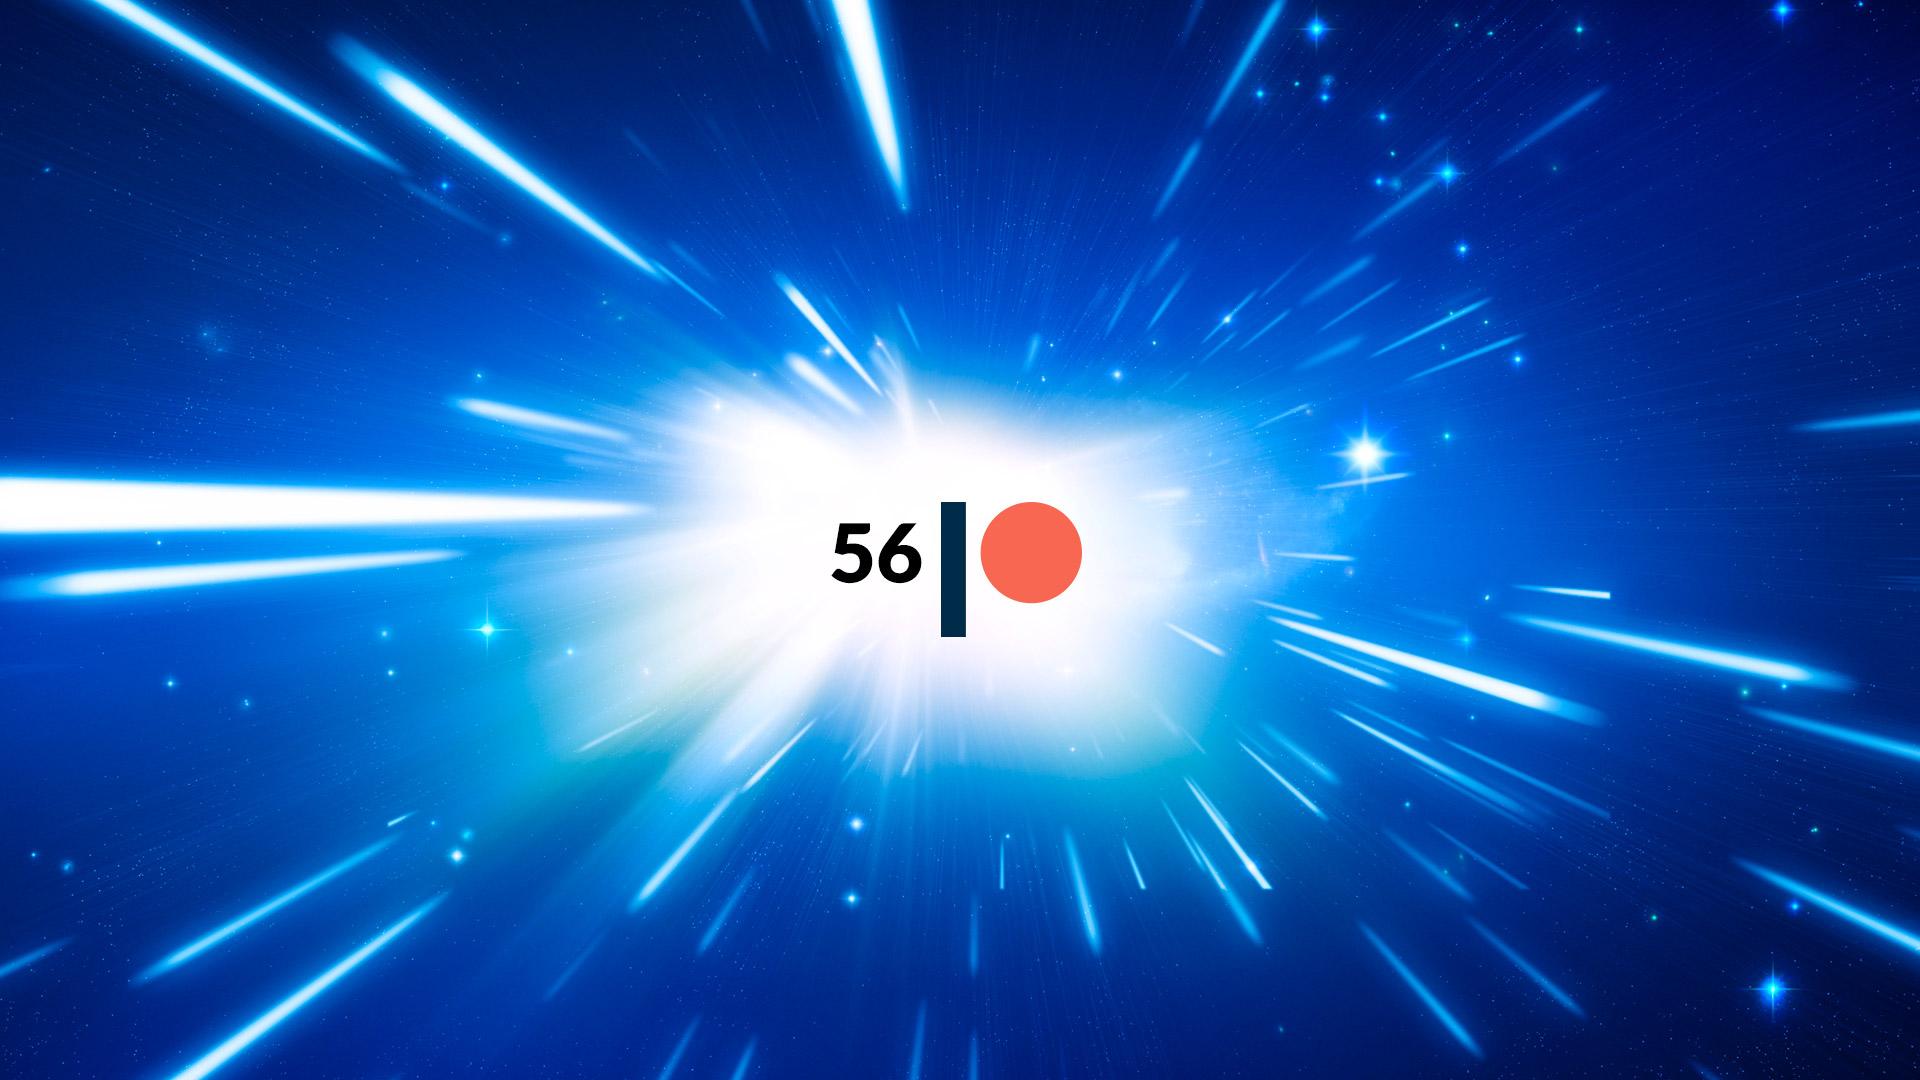 PR-56-Widescreen.jpg